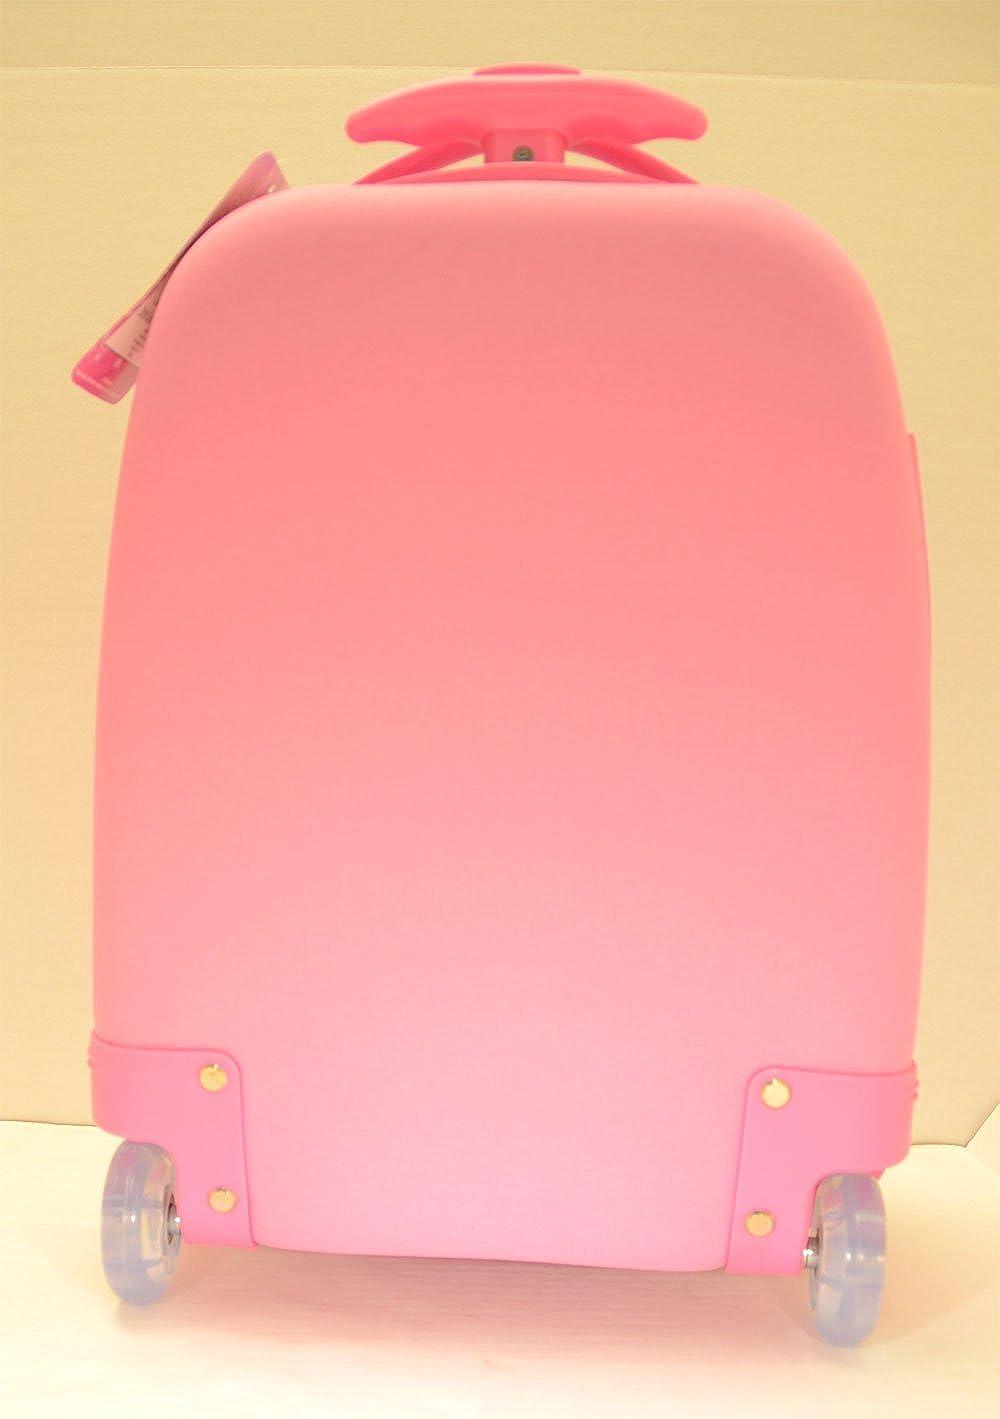 Pink Disney Princess Rolling Luggage